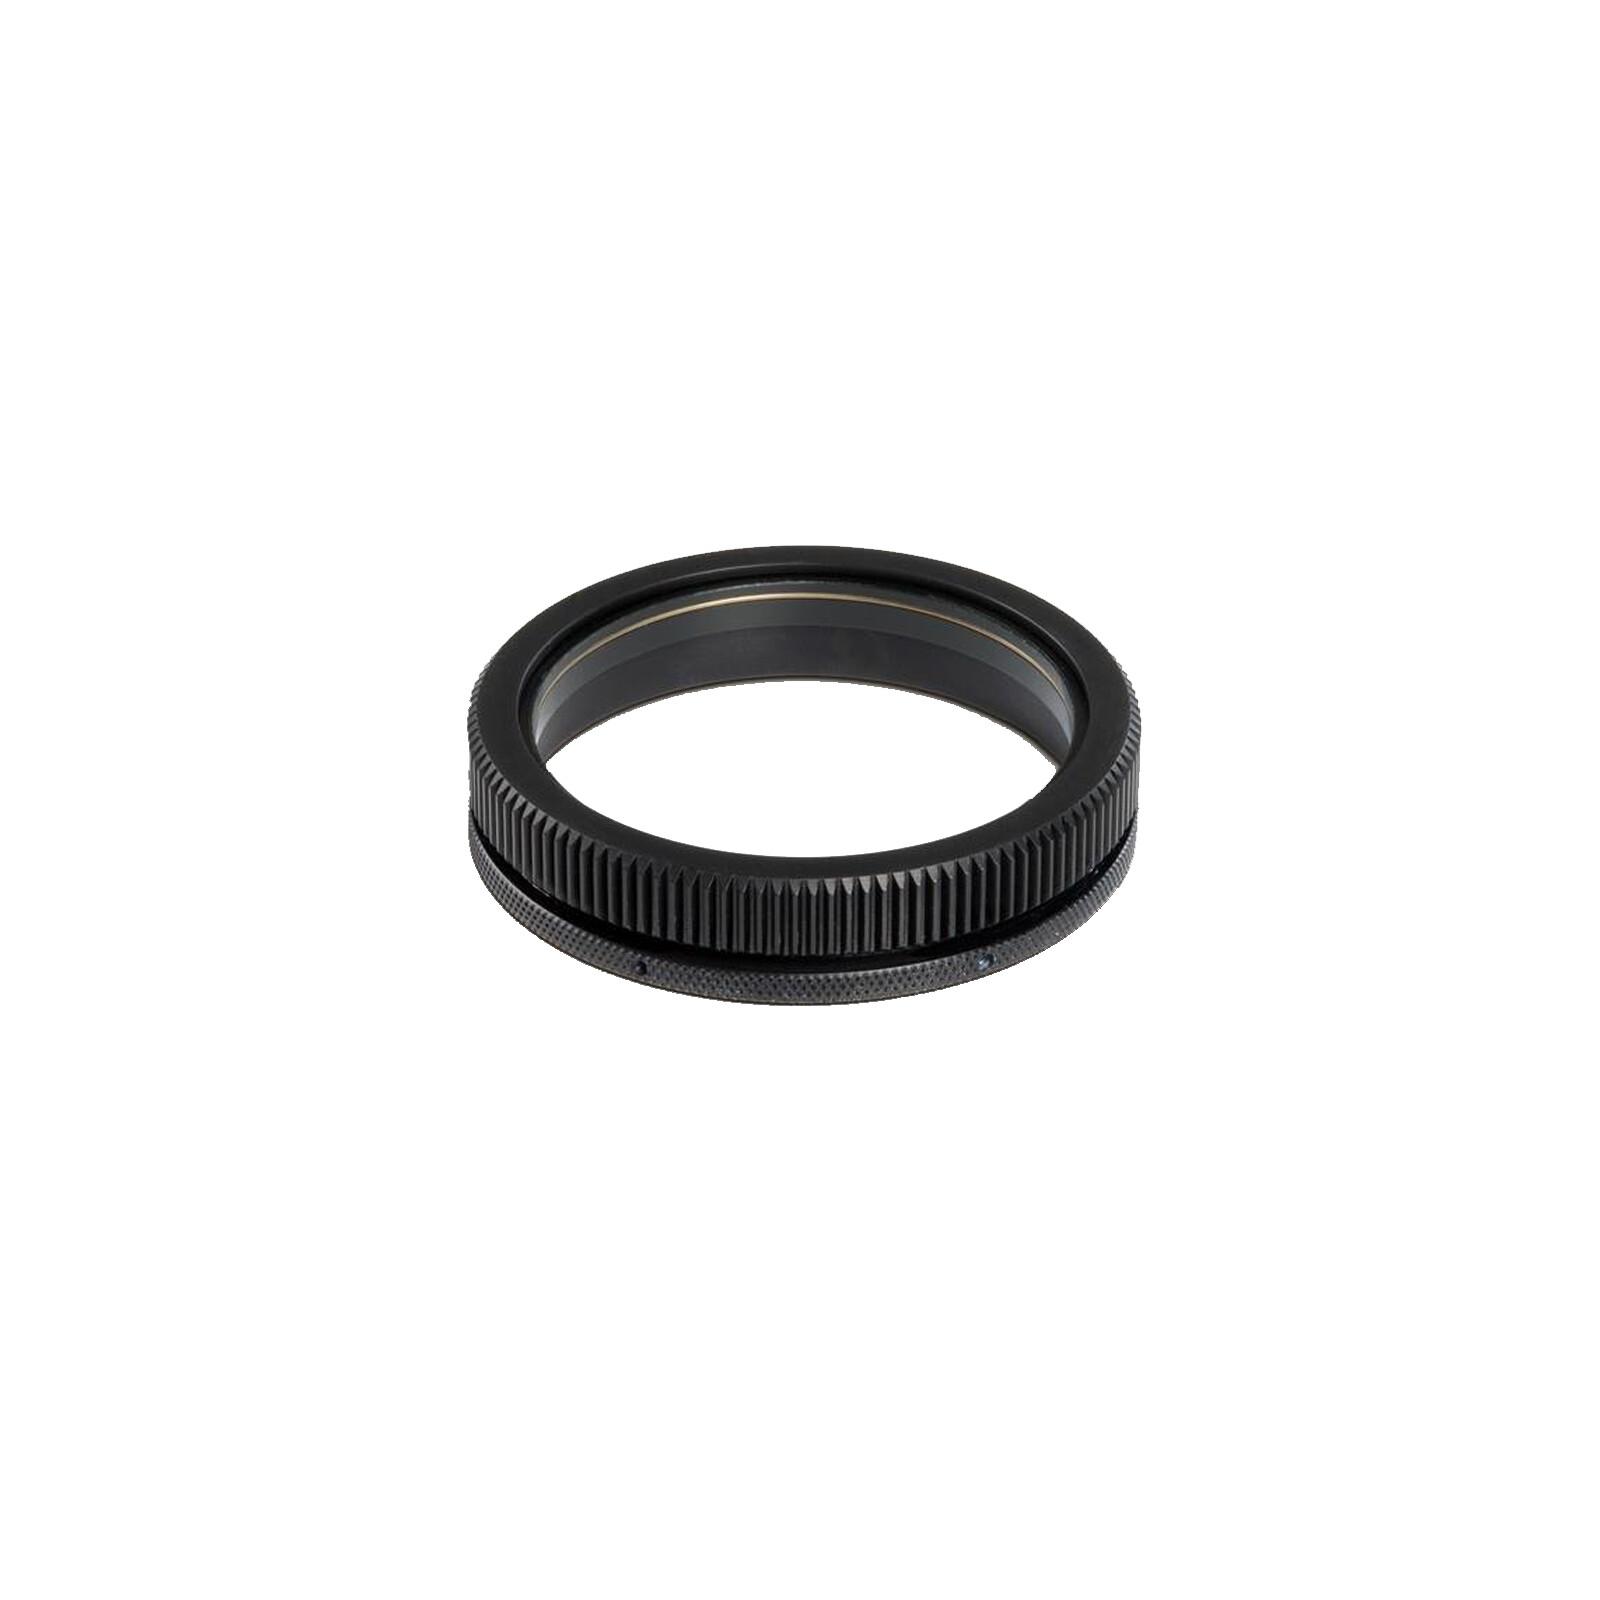 Zeiss LensGear Medium